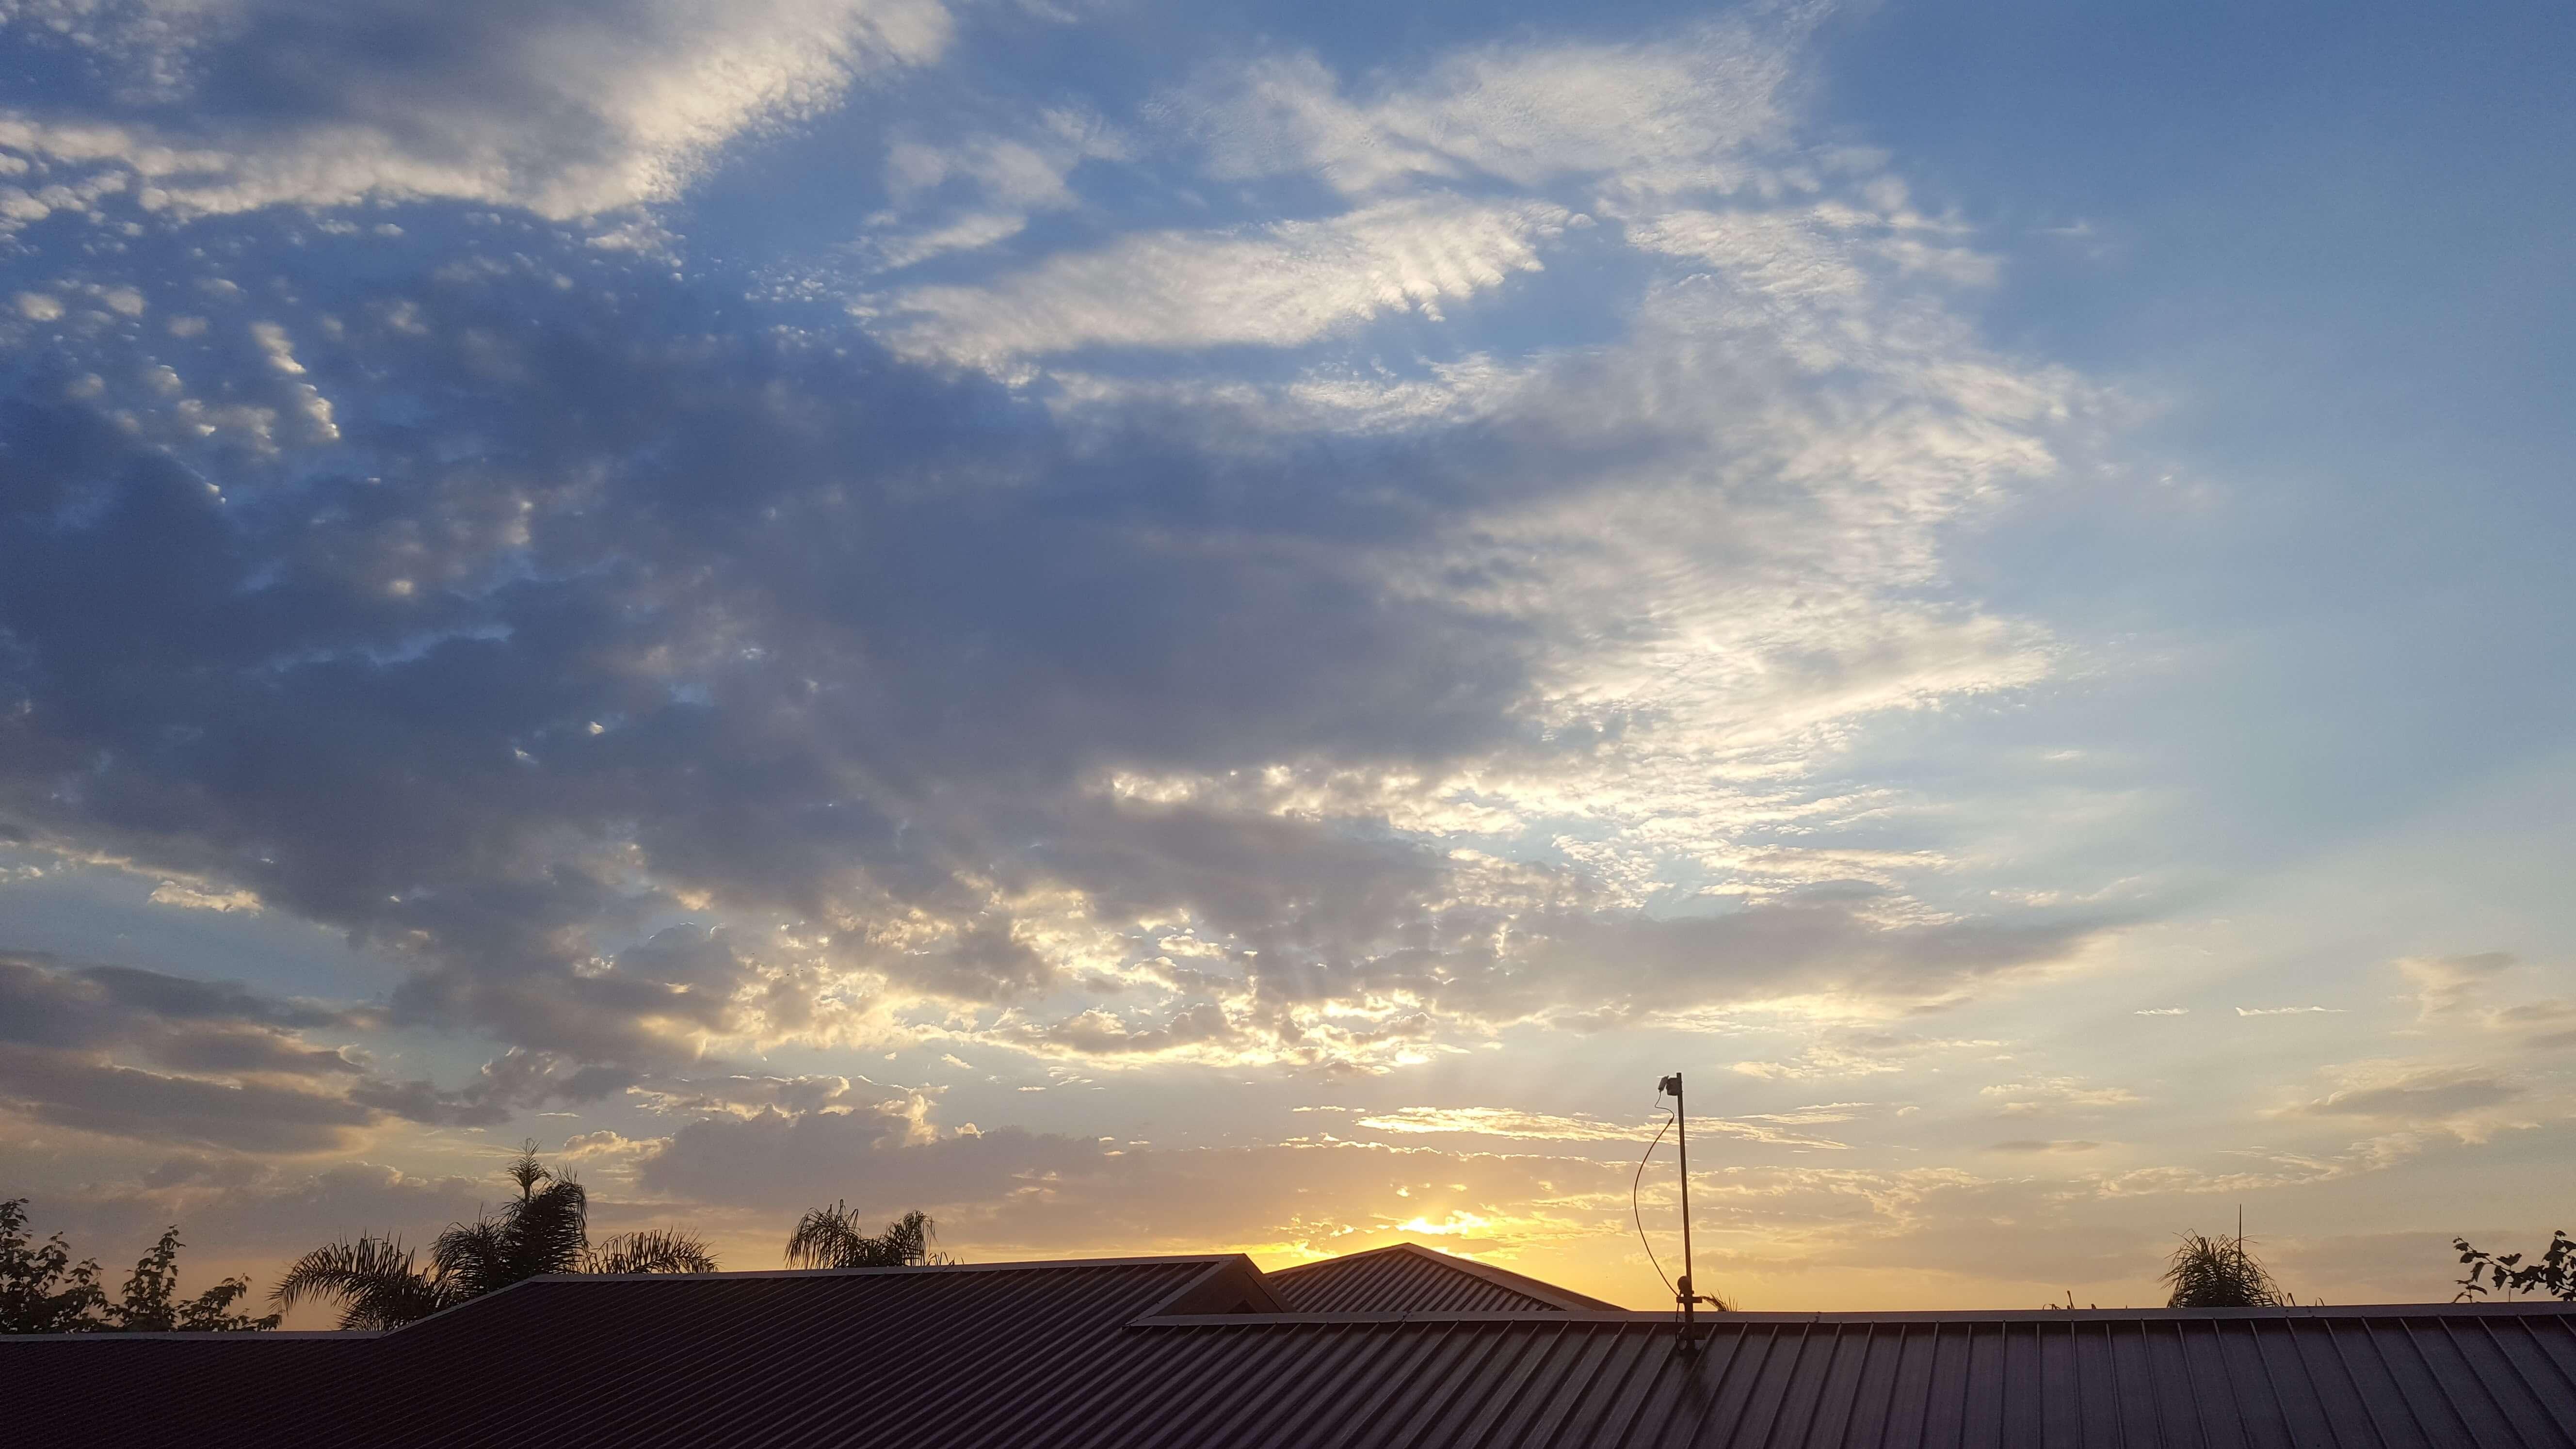 Morning dawns on Camp Pendleton